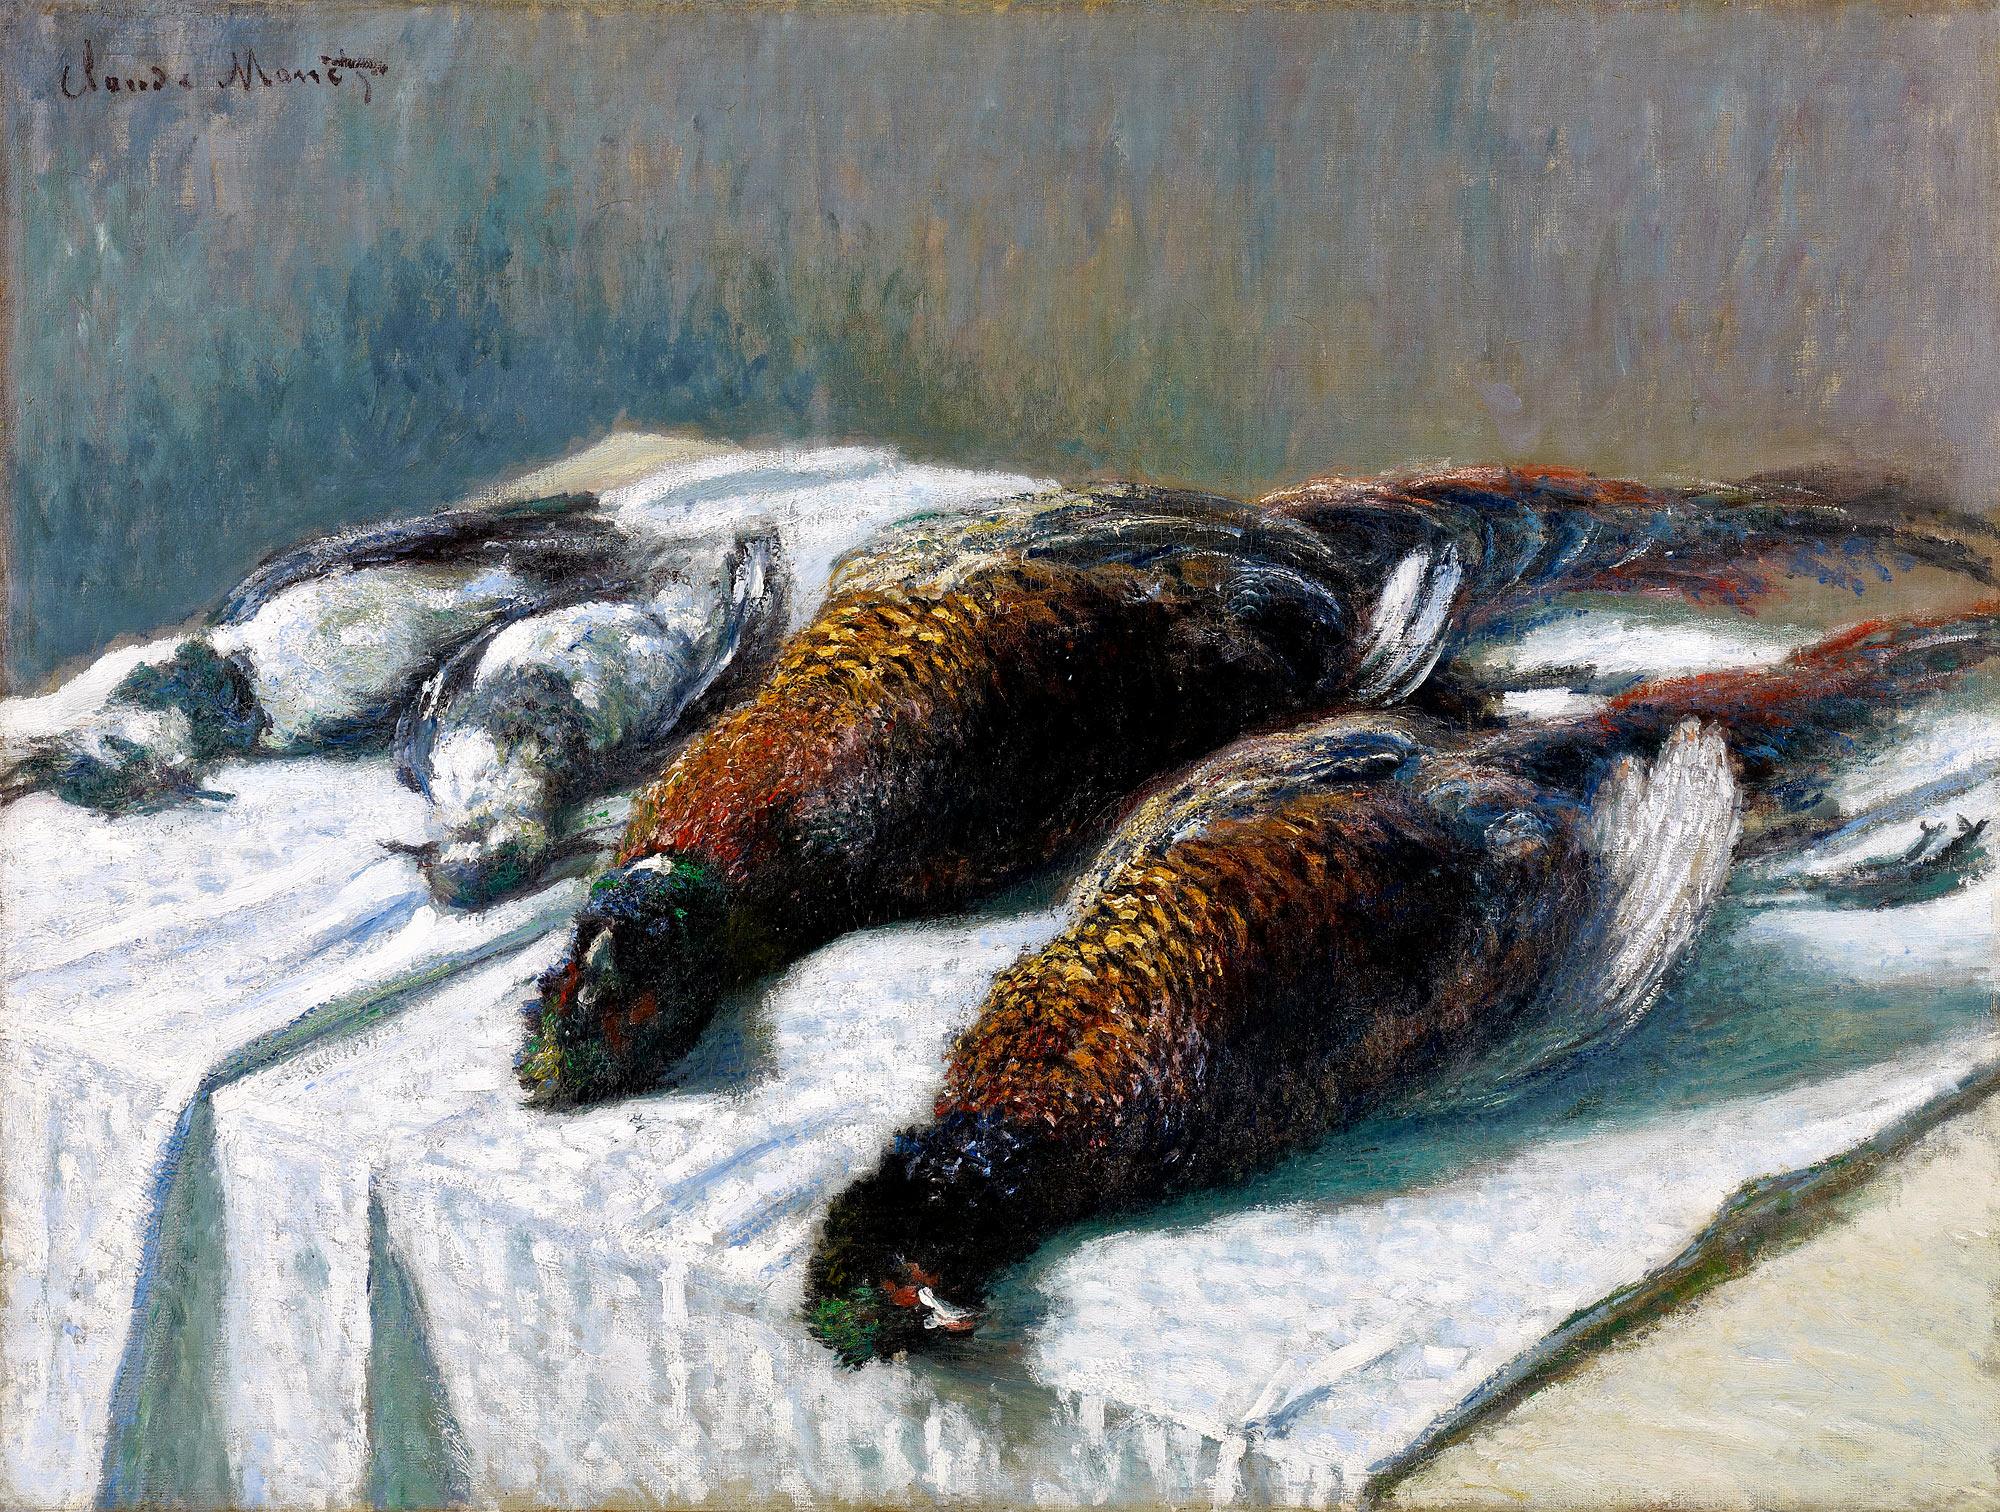 Клод Моне, «Still Life with Pheasants and Plovers» — интернет-магазин  репродукций картин «Холст»